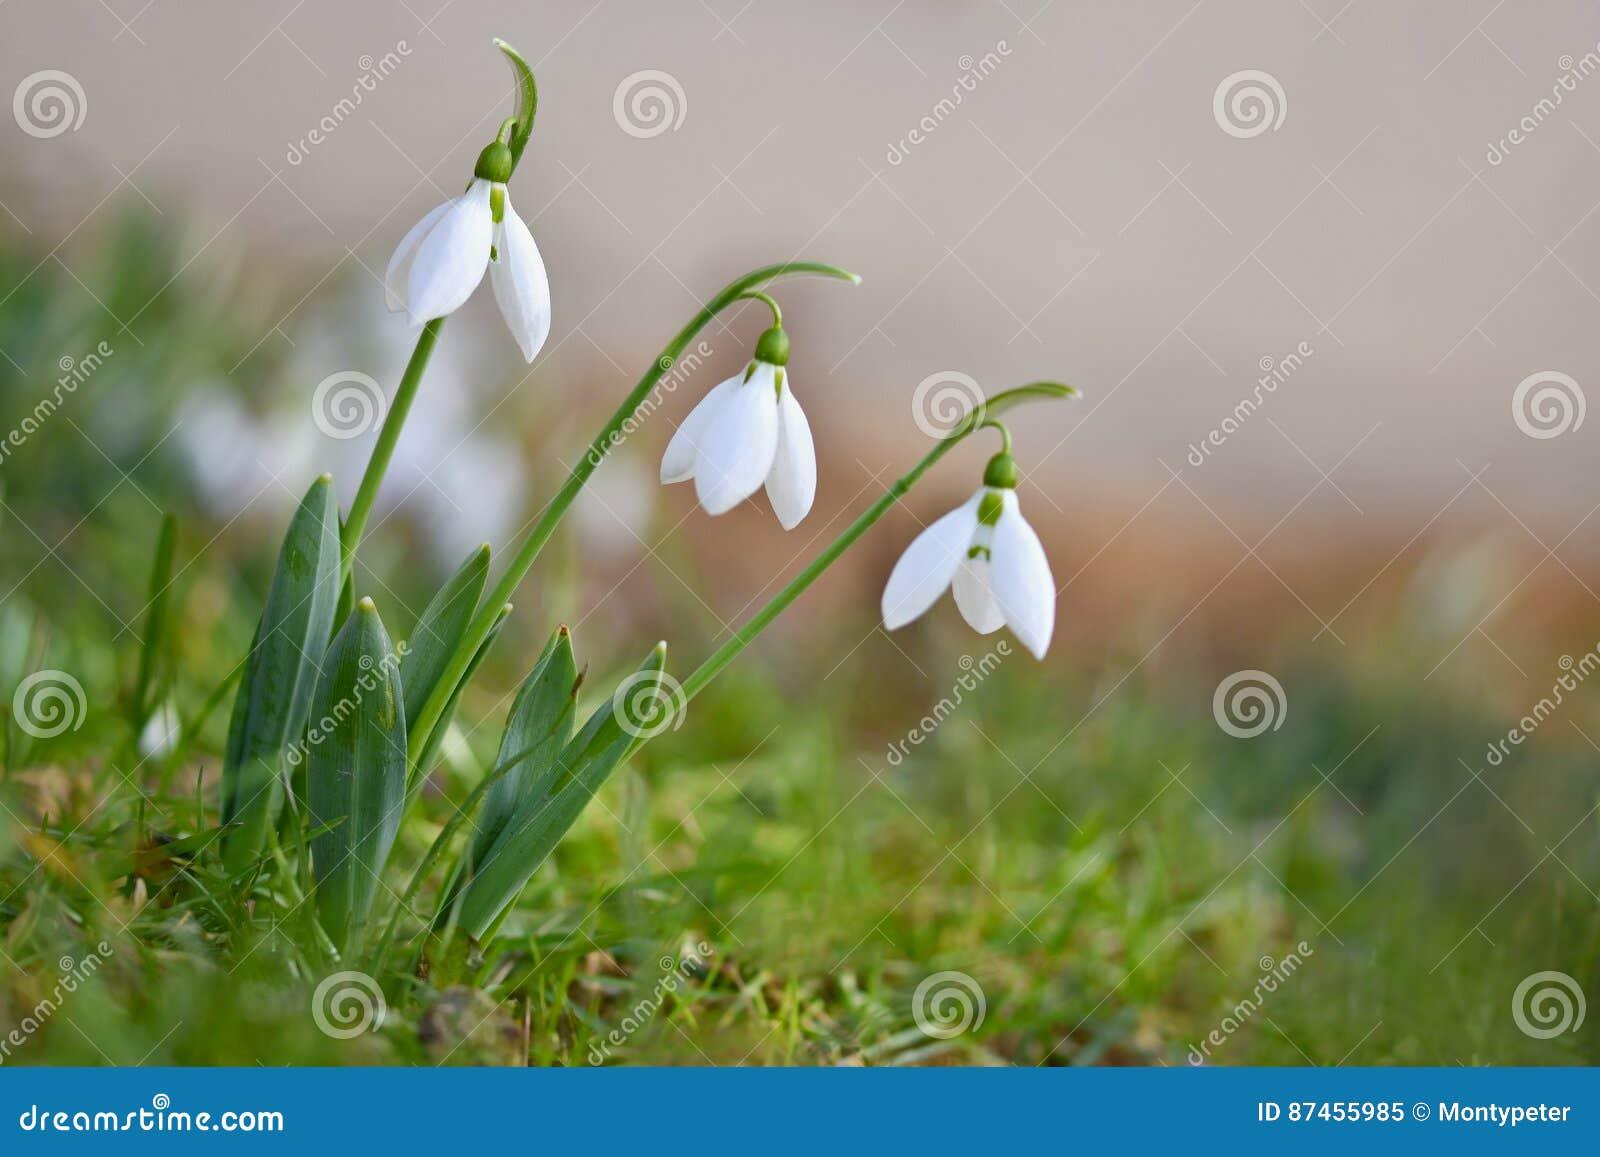 Fjädra blommor - Snowdrops Beautifully blomma i gräset på solnedgången Amaryllidaceae - Galanthus nivalis